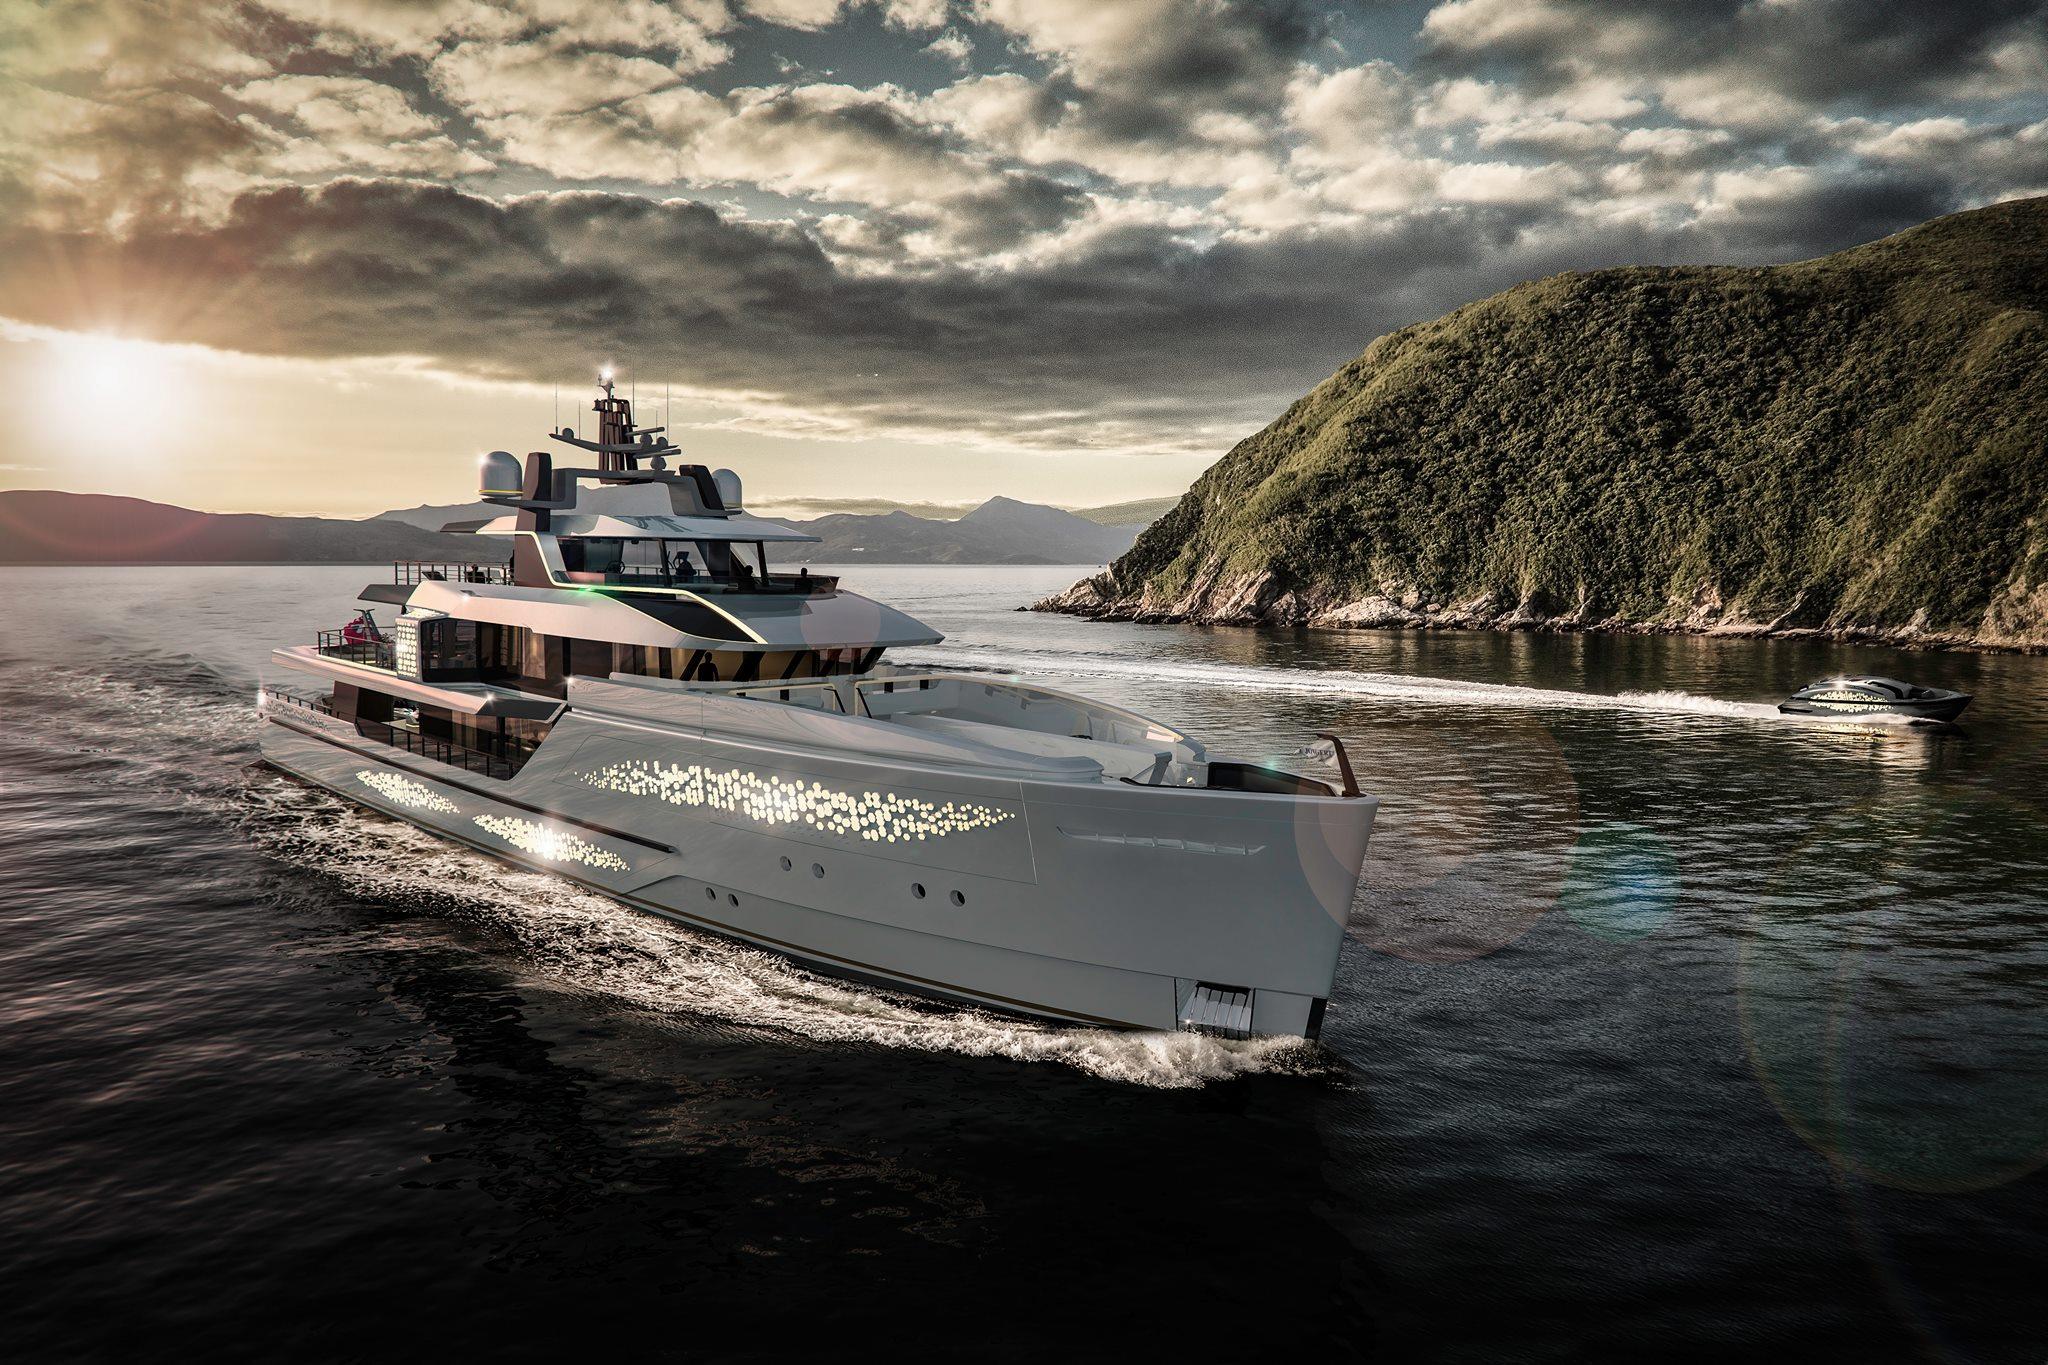 luxusni-jachta-jongert-yachts-revolution